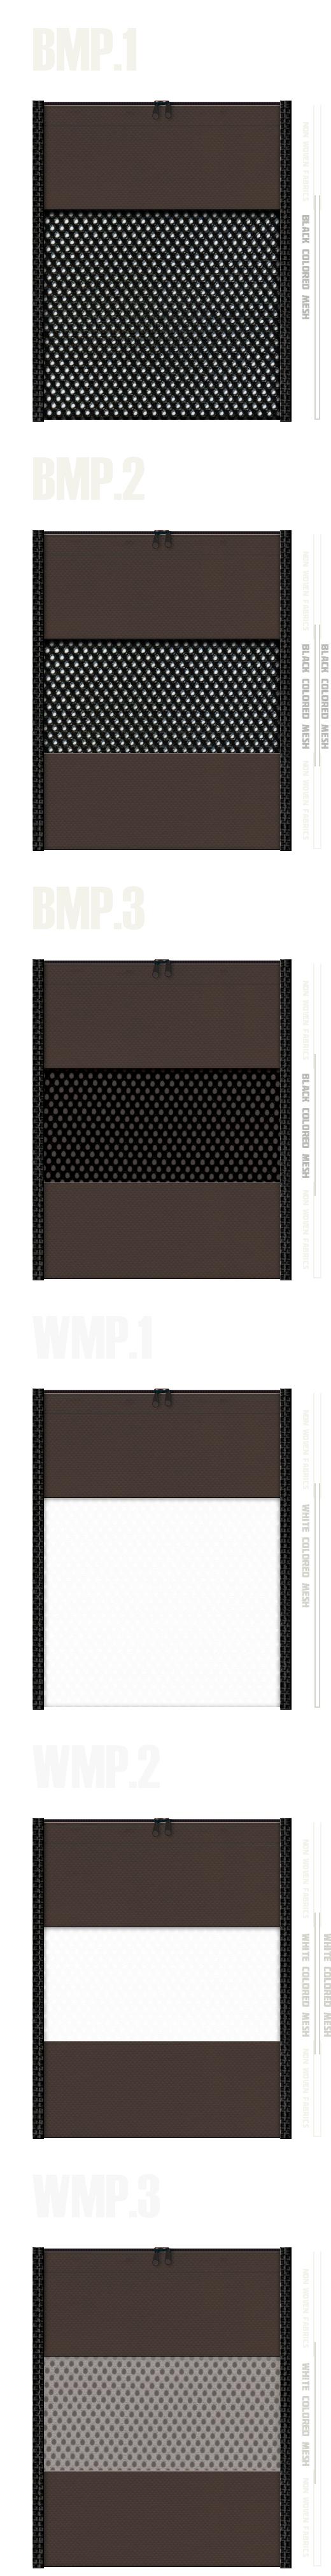 メッシュポーチのカラーシミュレーション:黒色・白色メッシュとこげ茶色不織布の組み合わせ